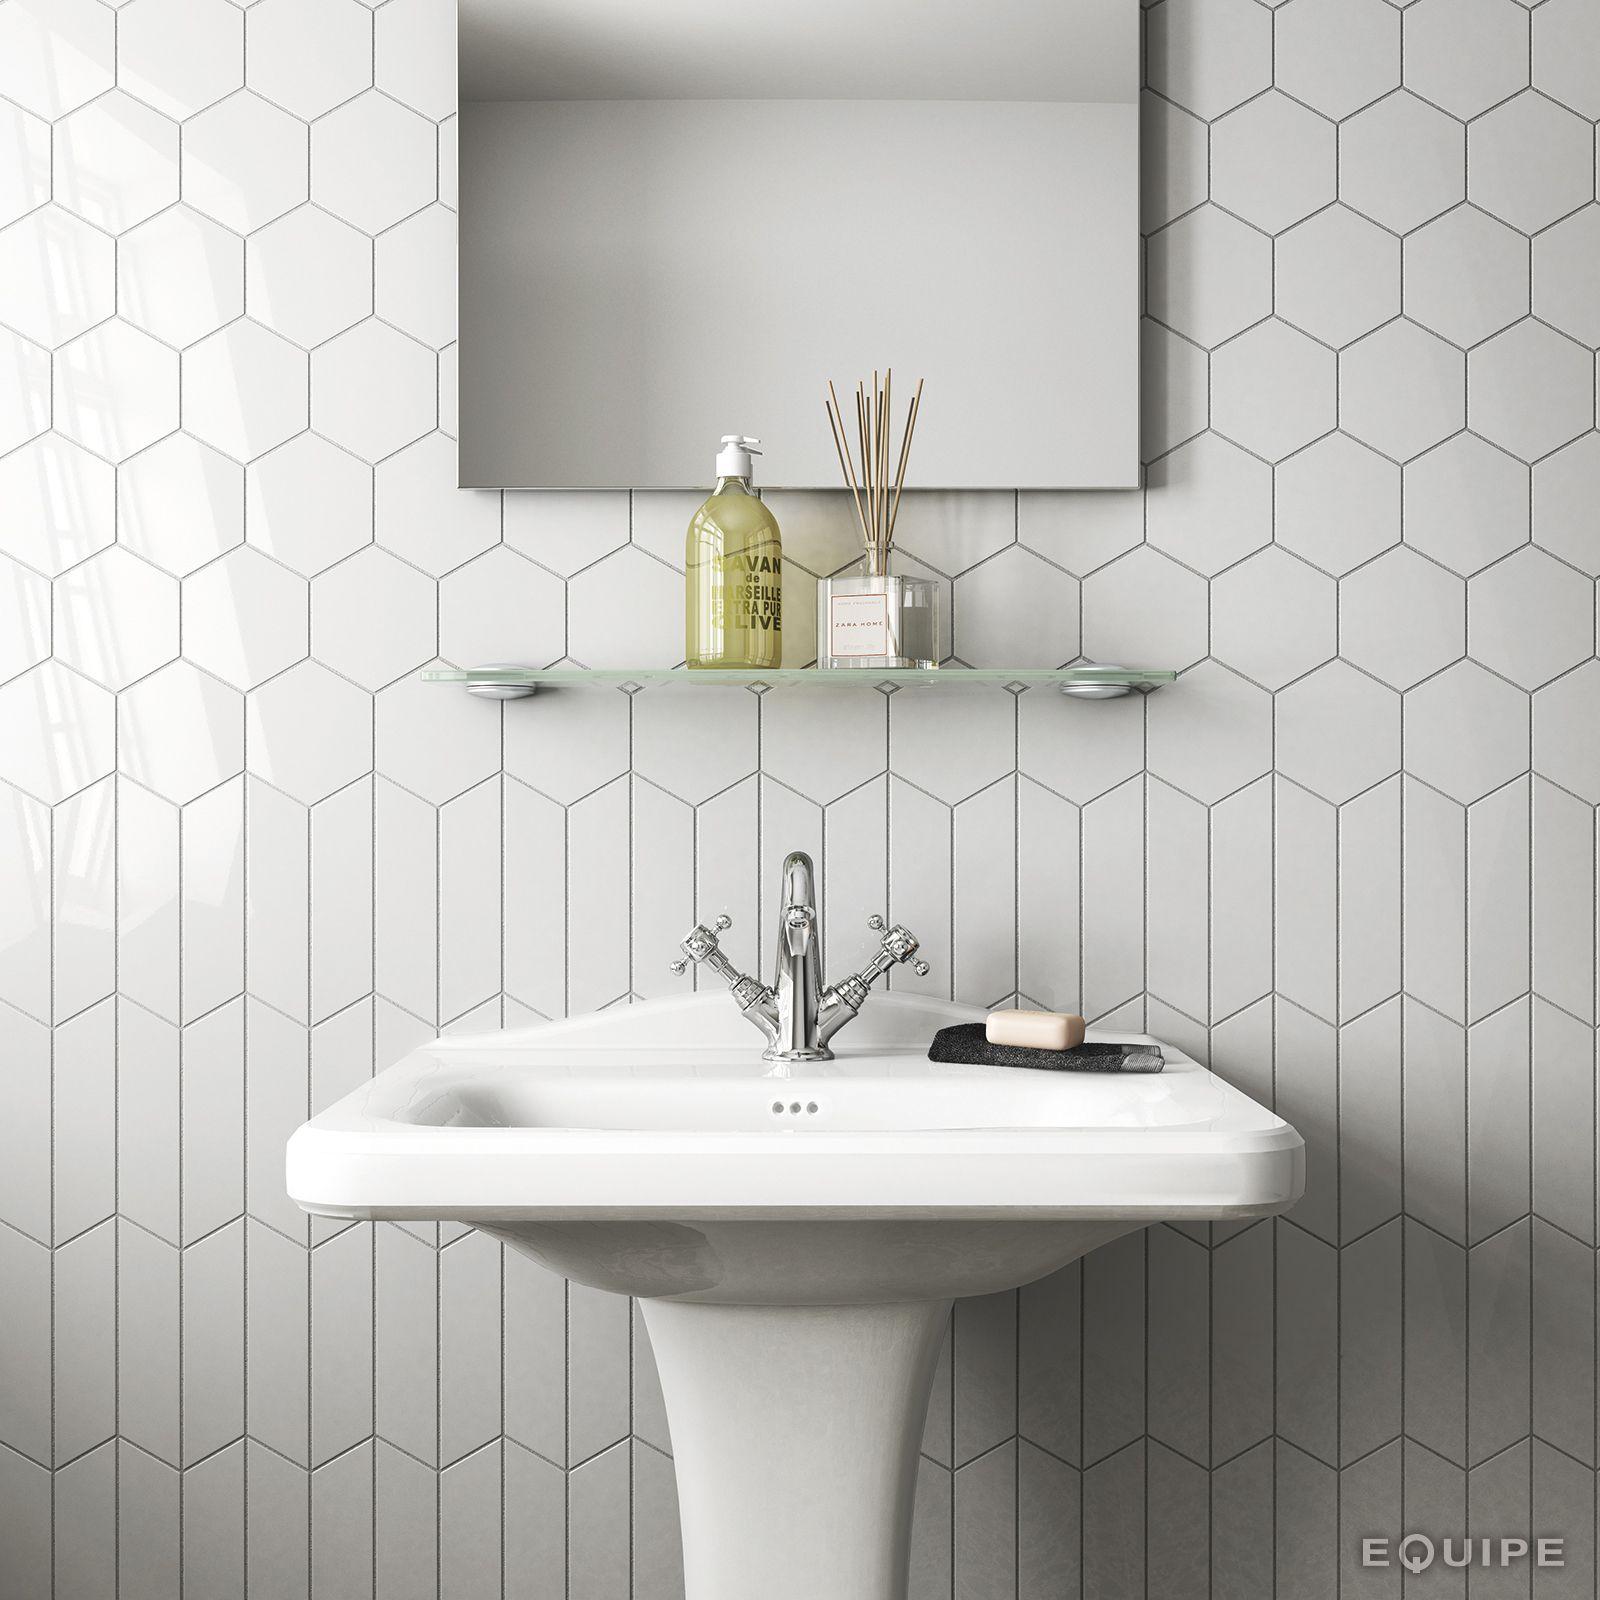 15 Luxury Bathroom Tile Patterns Ideas Patterned Bathroom Tiles